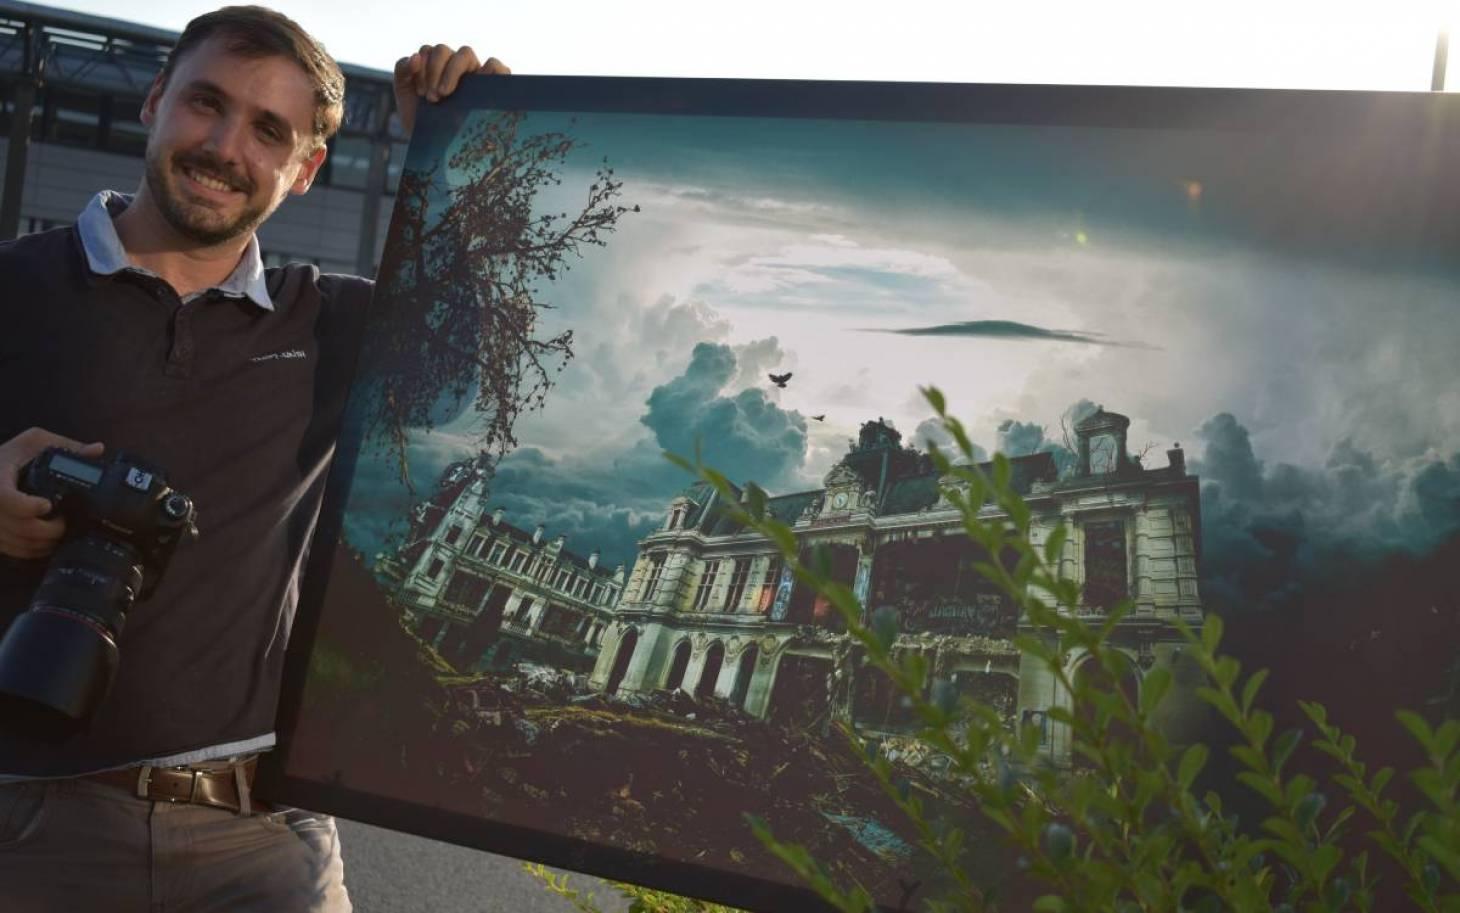 """Poitiers - L'exposition """"Poitiers, quand la nature reprend ses droits"""" prolongée d'une semaine"""